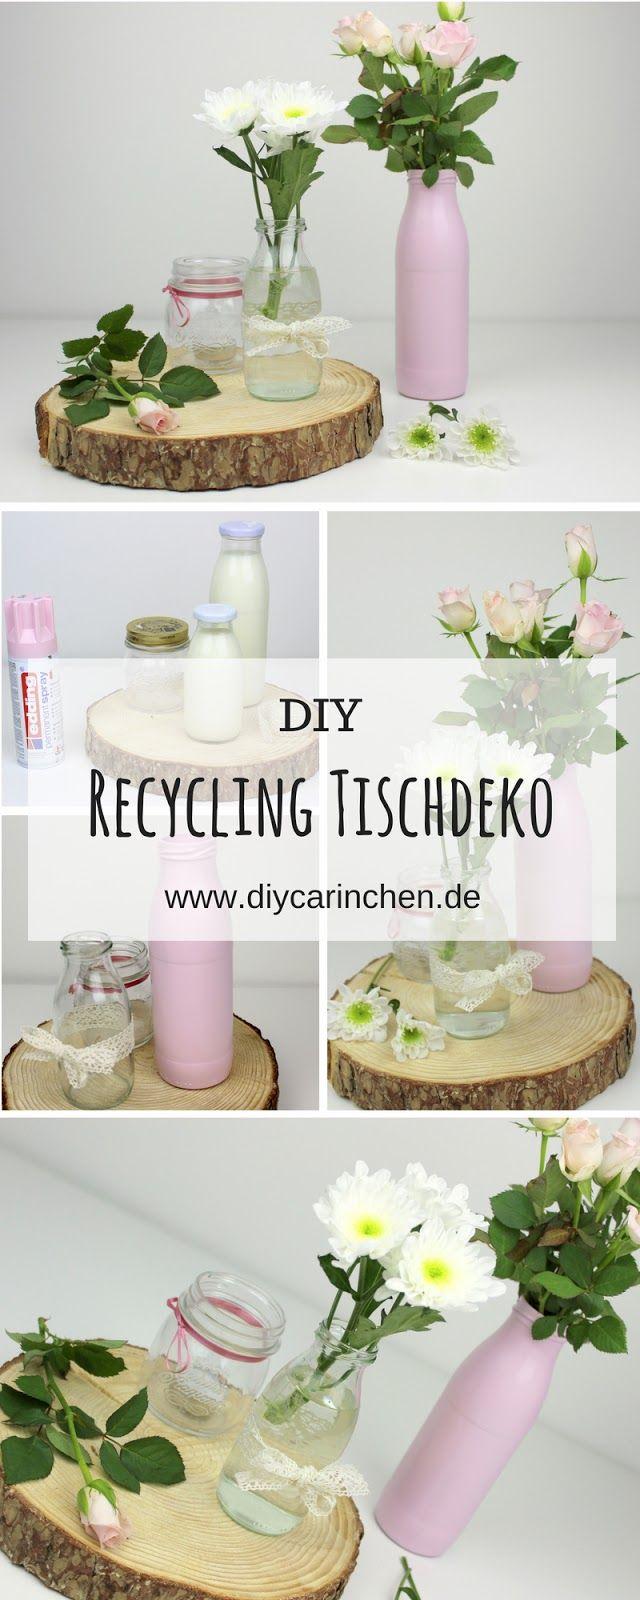 DIY Selbstgemachte, Günstige Tischdeko Aus Milchflaschen   Geniale  Recycling / Upcycling Bastelidee | DIY Garten / Gartendeko / Gartenideen |  Pinterest ...